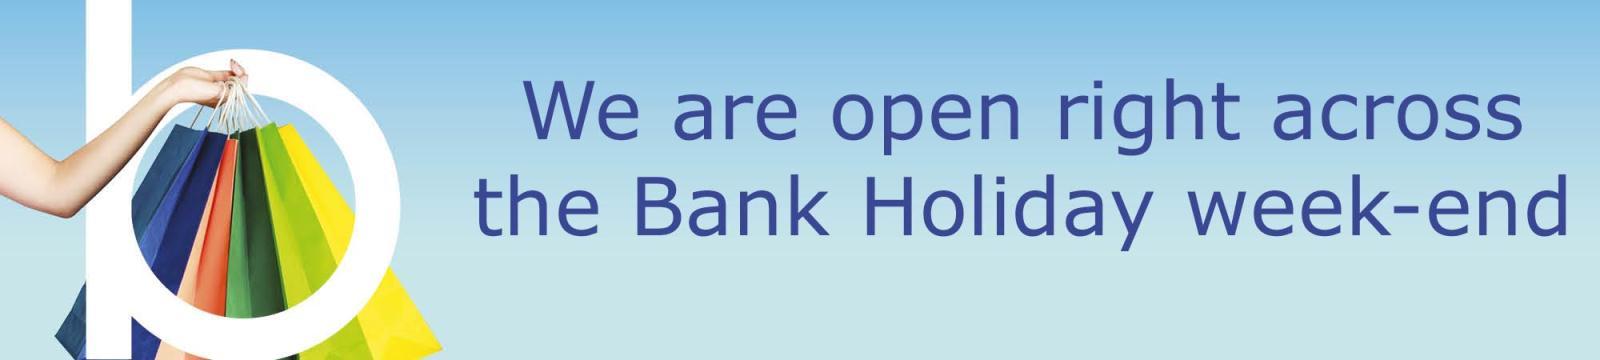 Open Bank Holiday Weekend 2018